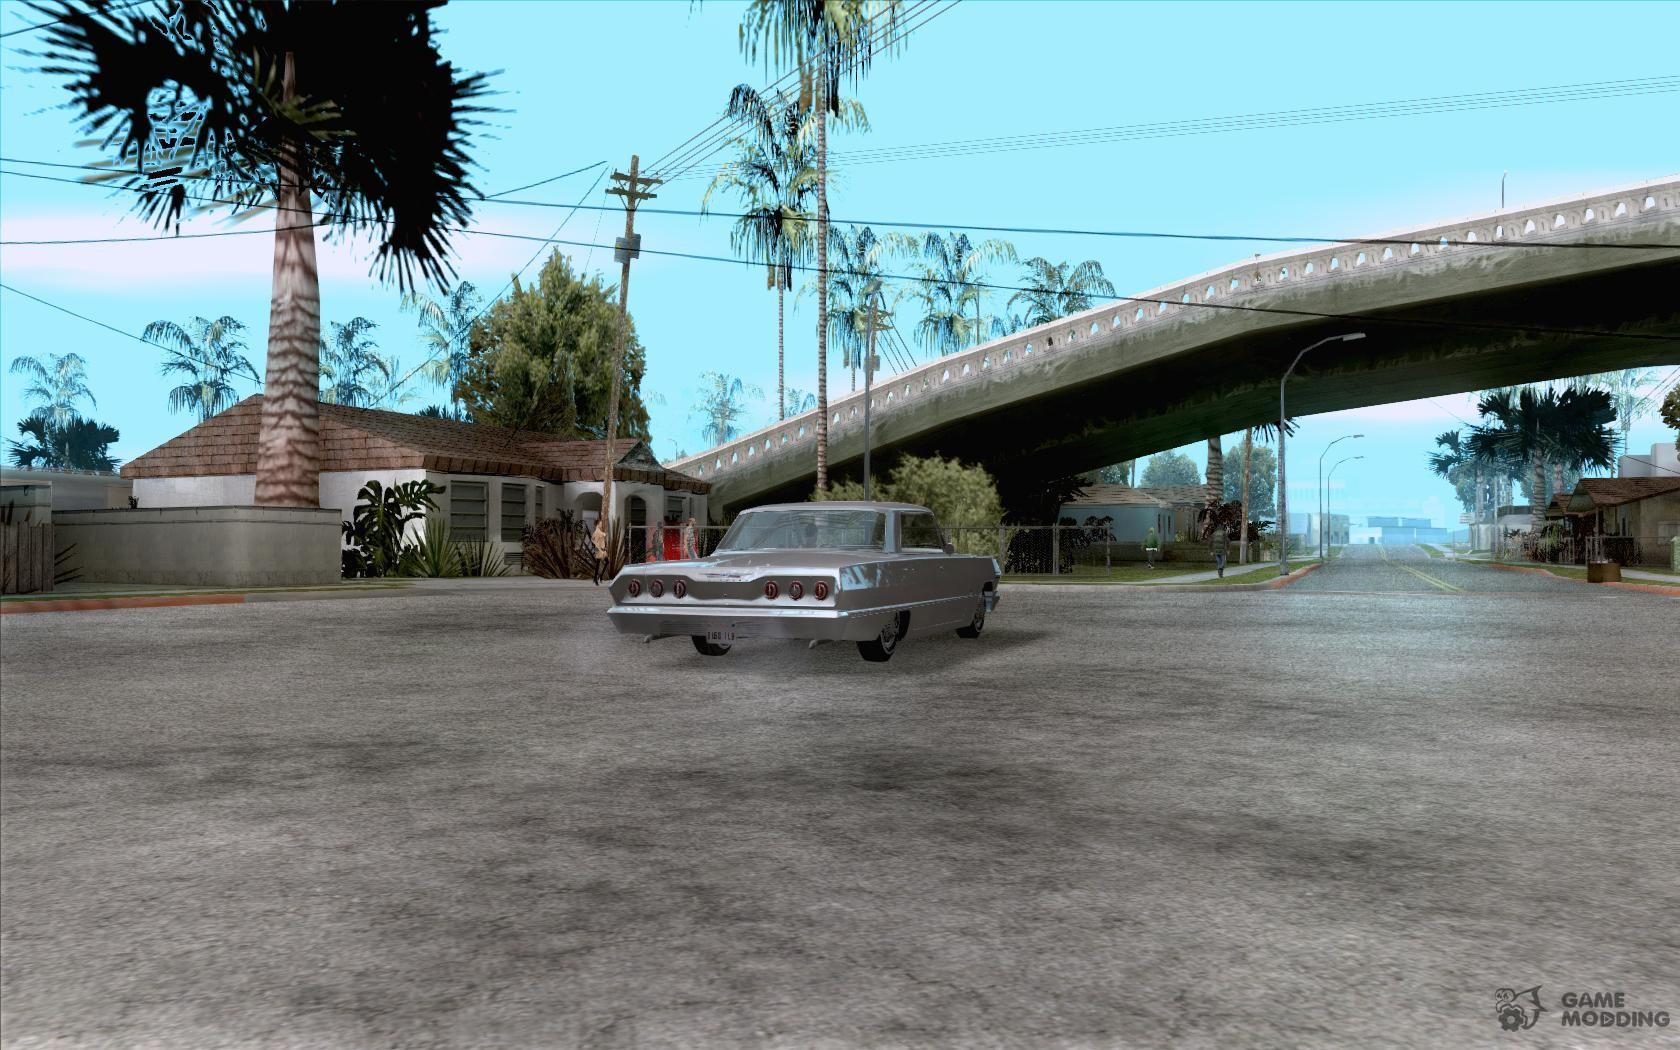 Chevrolet impala 4 door hardtop 1963 for gta san andreas - Chevrolet Impala 4 Door Hardtop 1963 For Gta San Andreas Top View